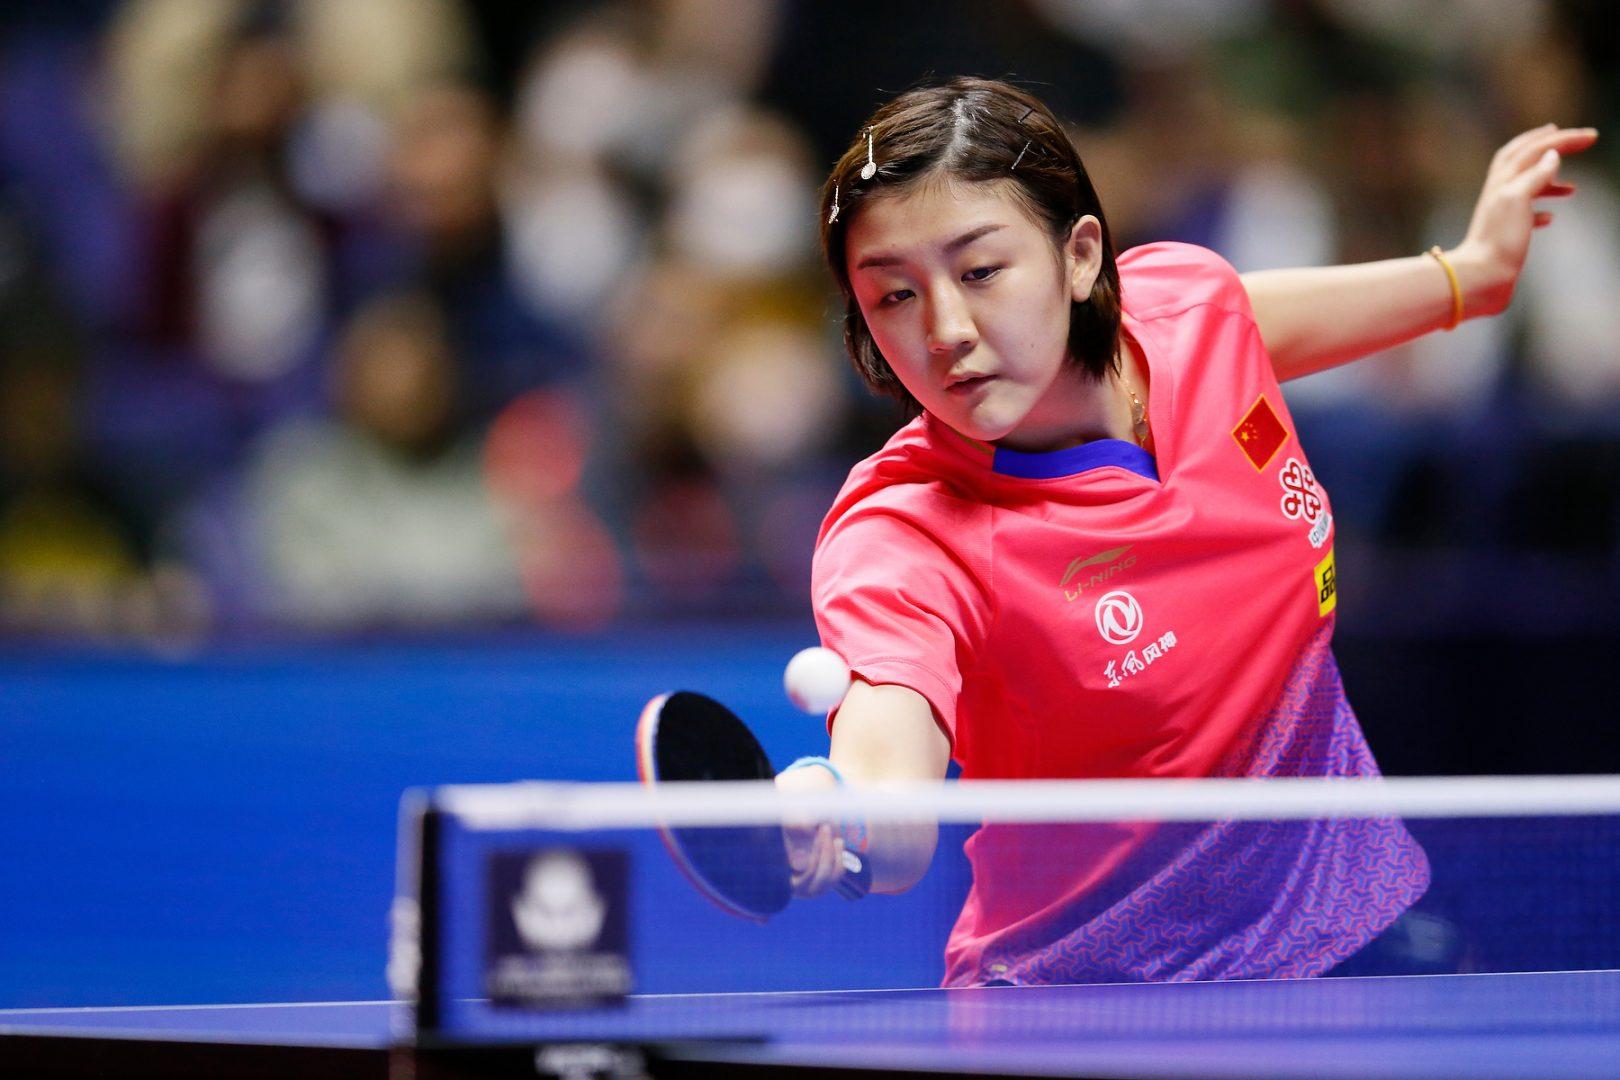 女子トップ10は変動なし 石川6位、伊藤7位、平野9位|卓球女子世界ランキング(7月最新発表)